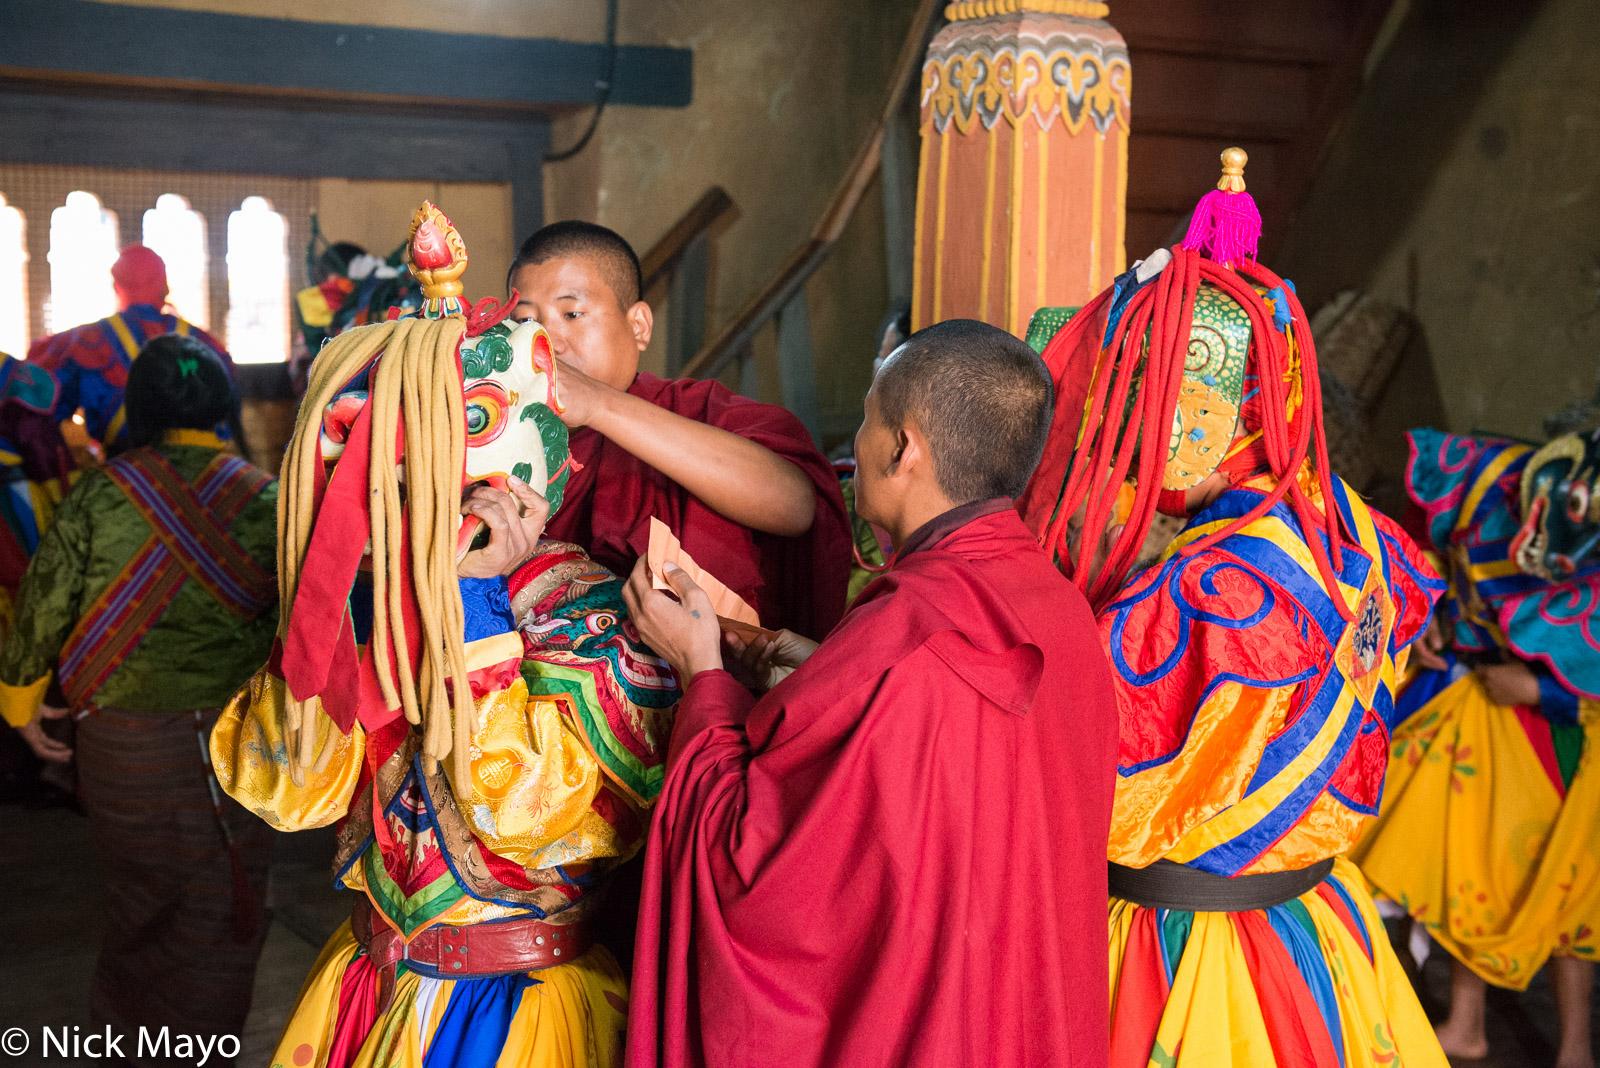 Bhutan,East,Festival,Mask,Monk, photo